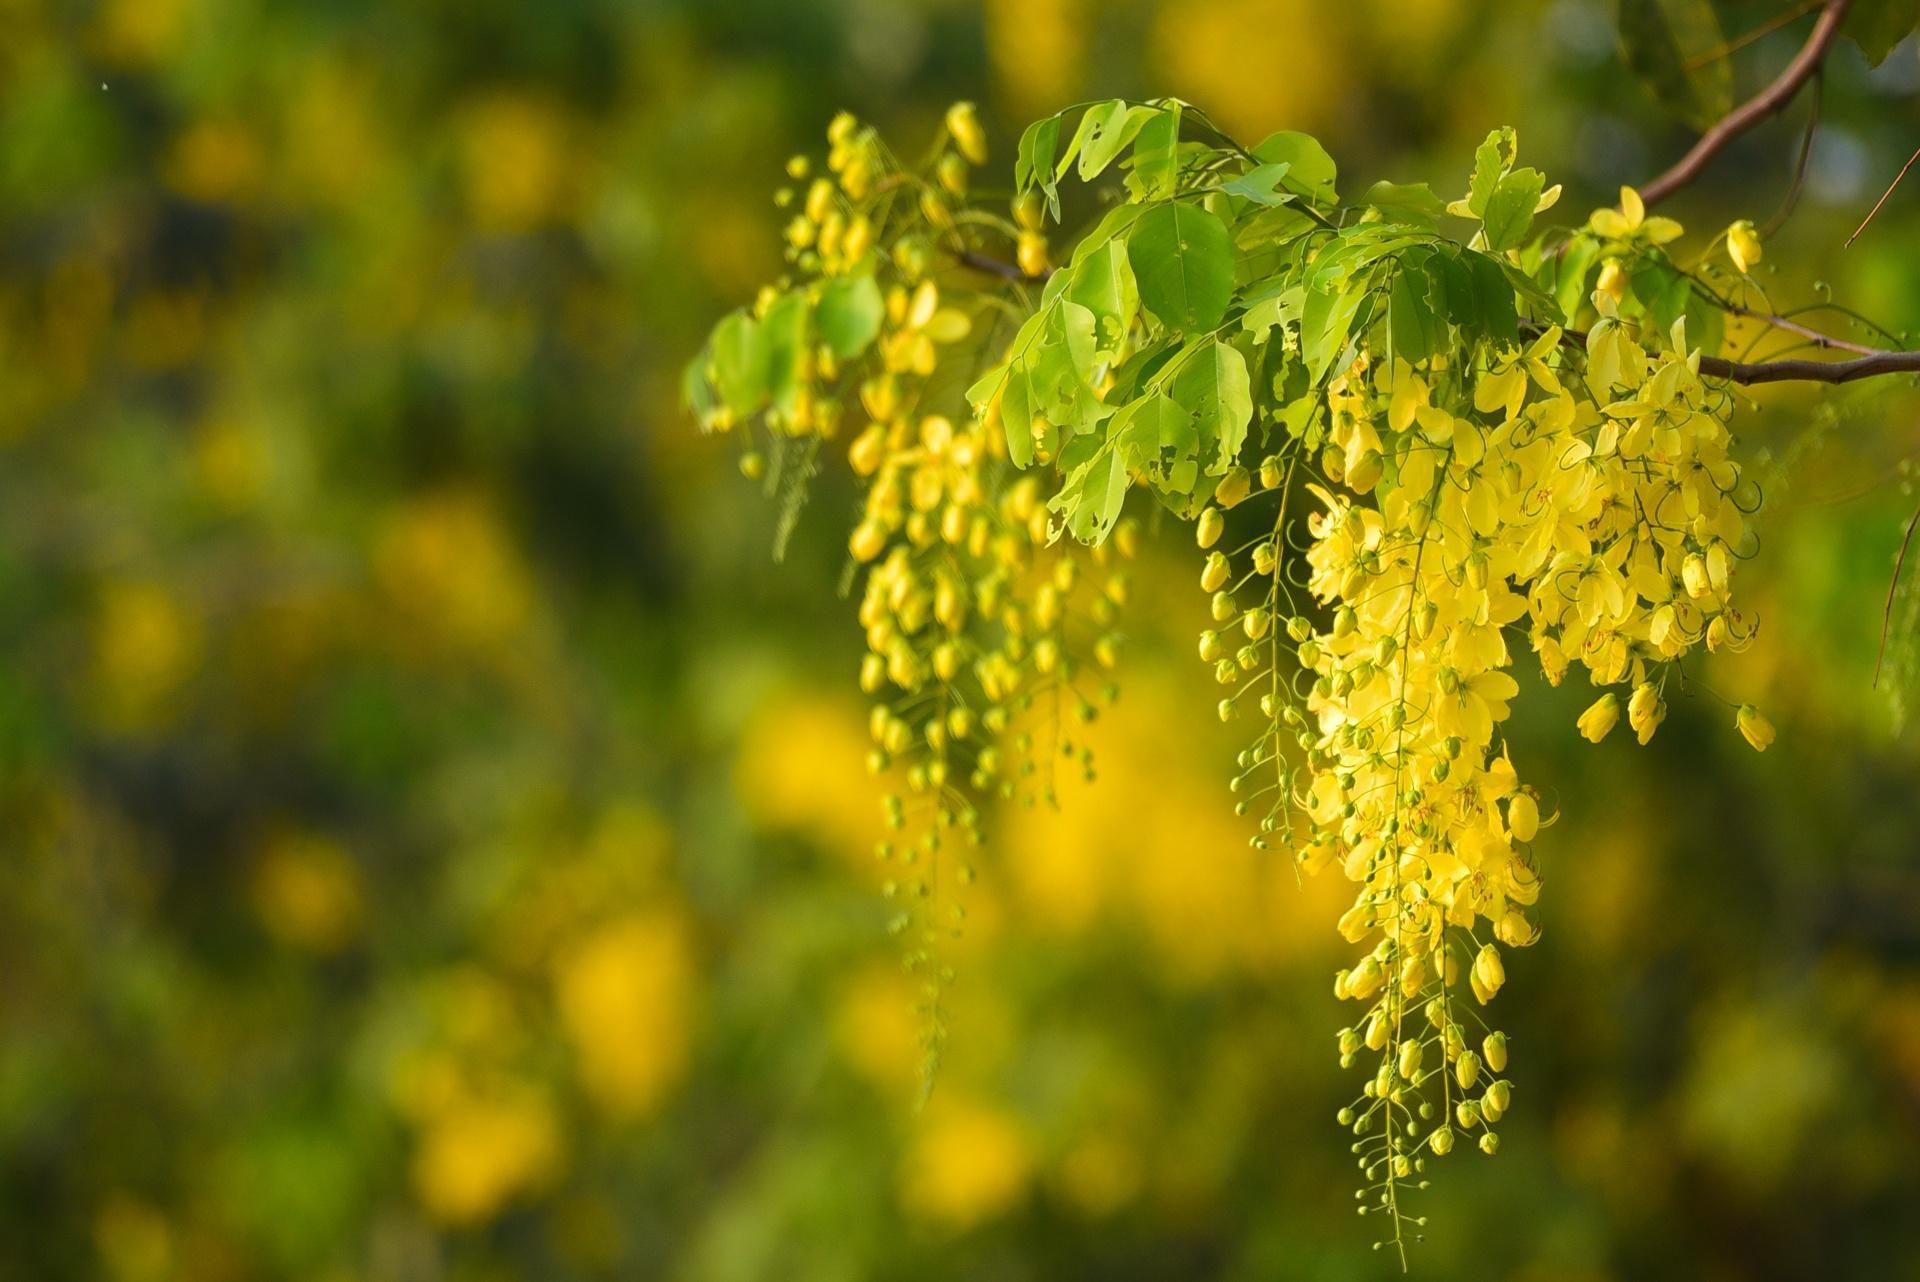 Hà Nội nơi đỏ rực rỡ nhờ hoa phượng, chỗ dát vàng bởi muồng hoàng yến Ảnh 15